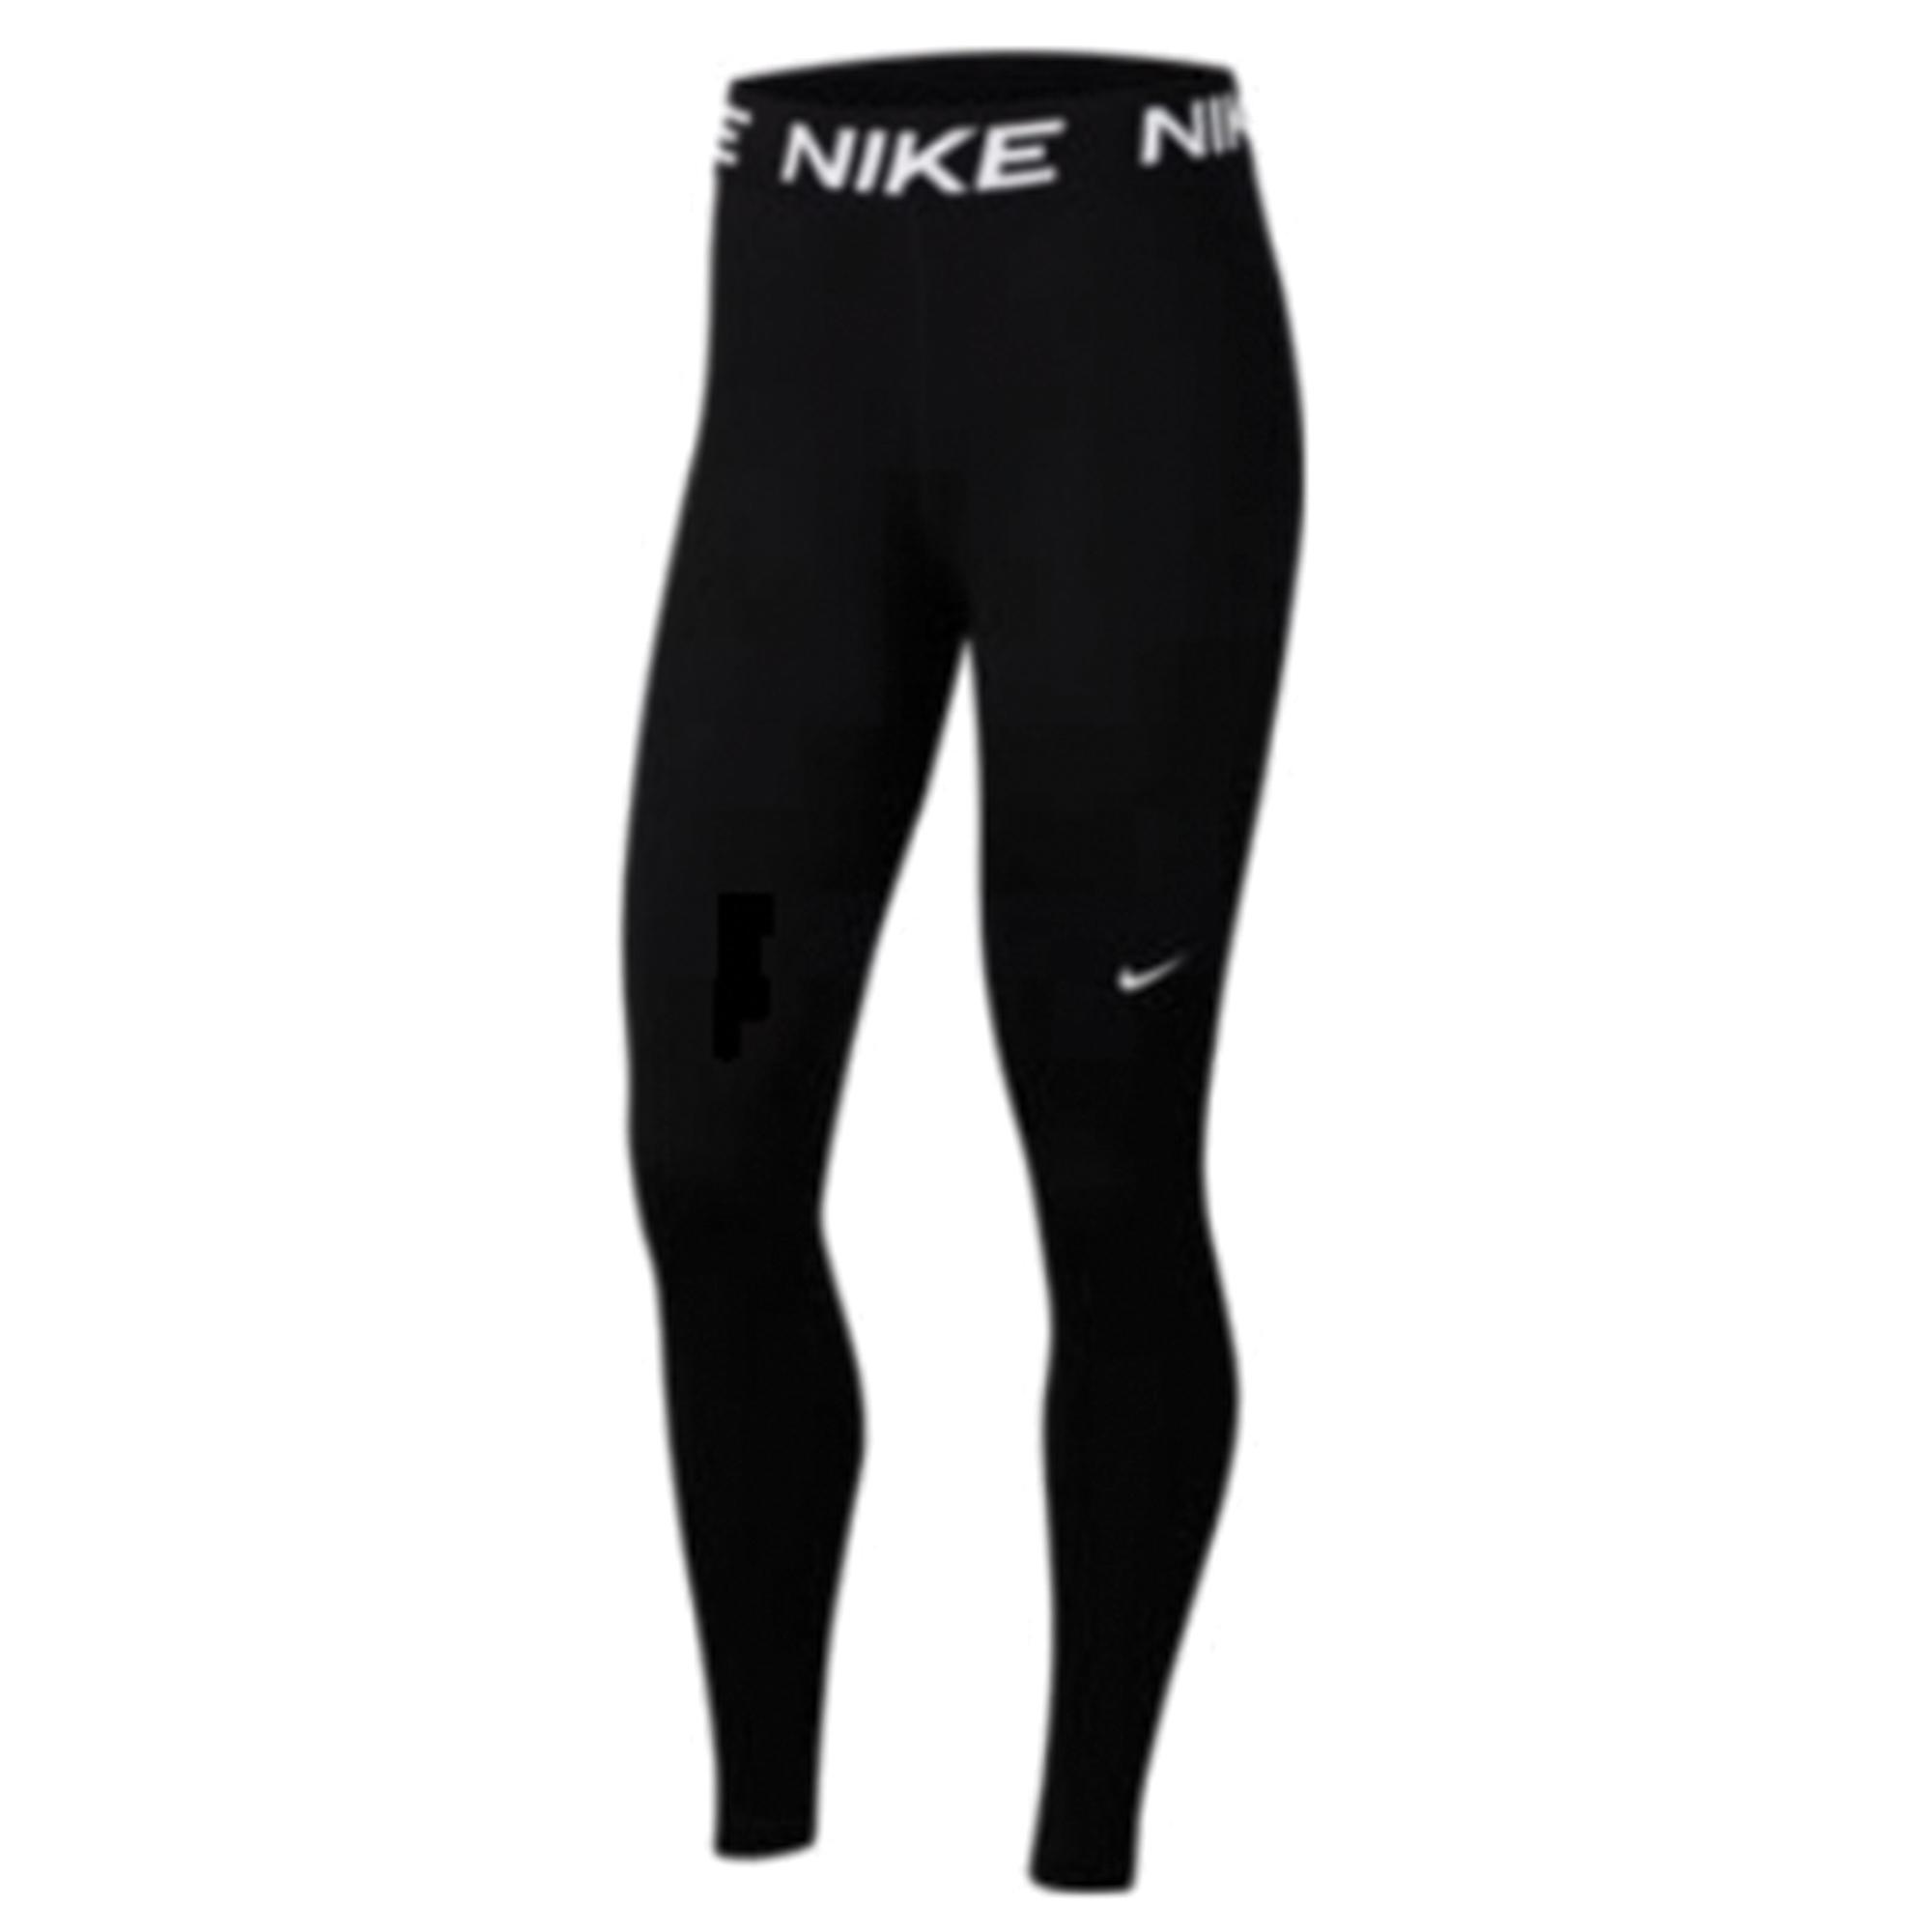 Colanţi Fitness Nike Damă